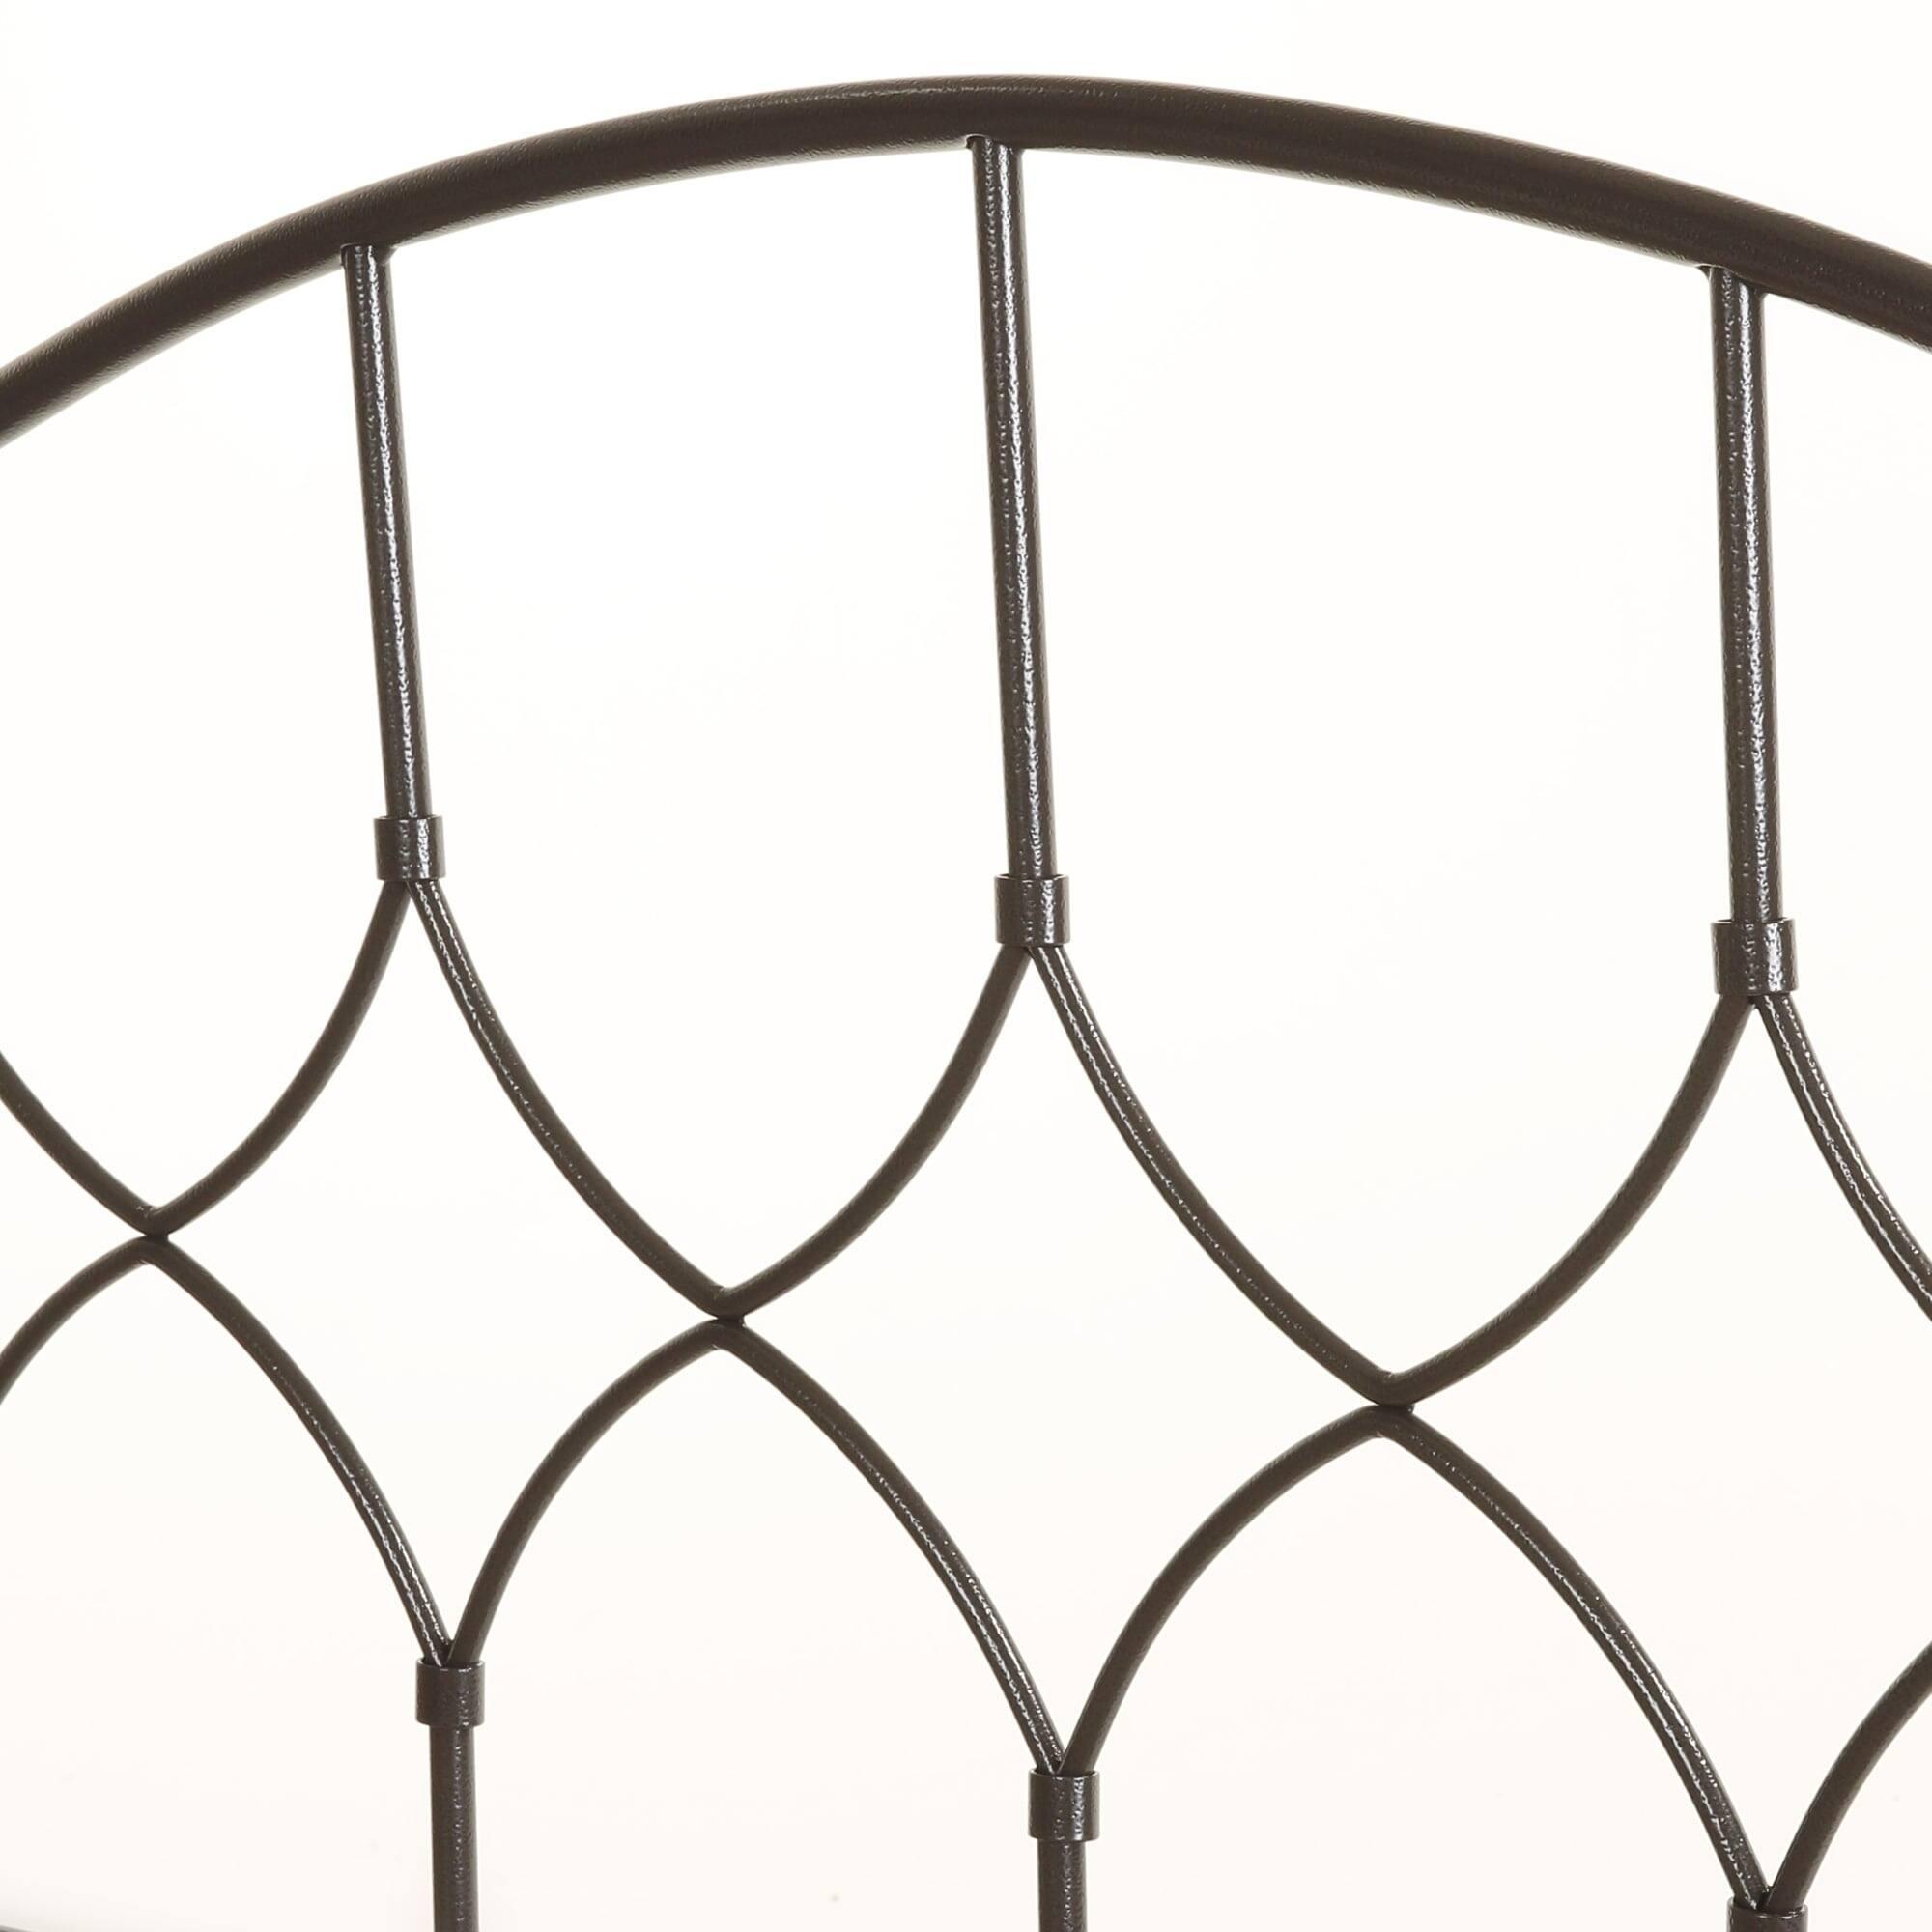 Beds for less for Home landscape design suite 8 0 link